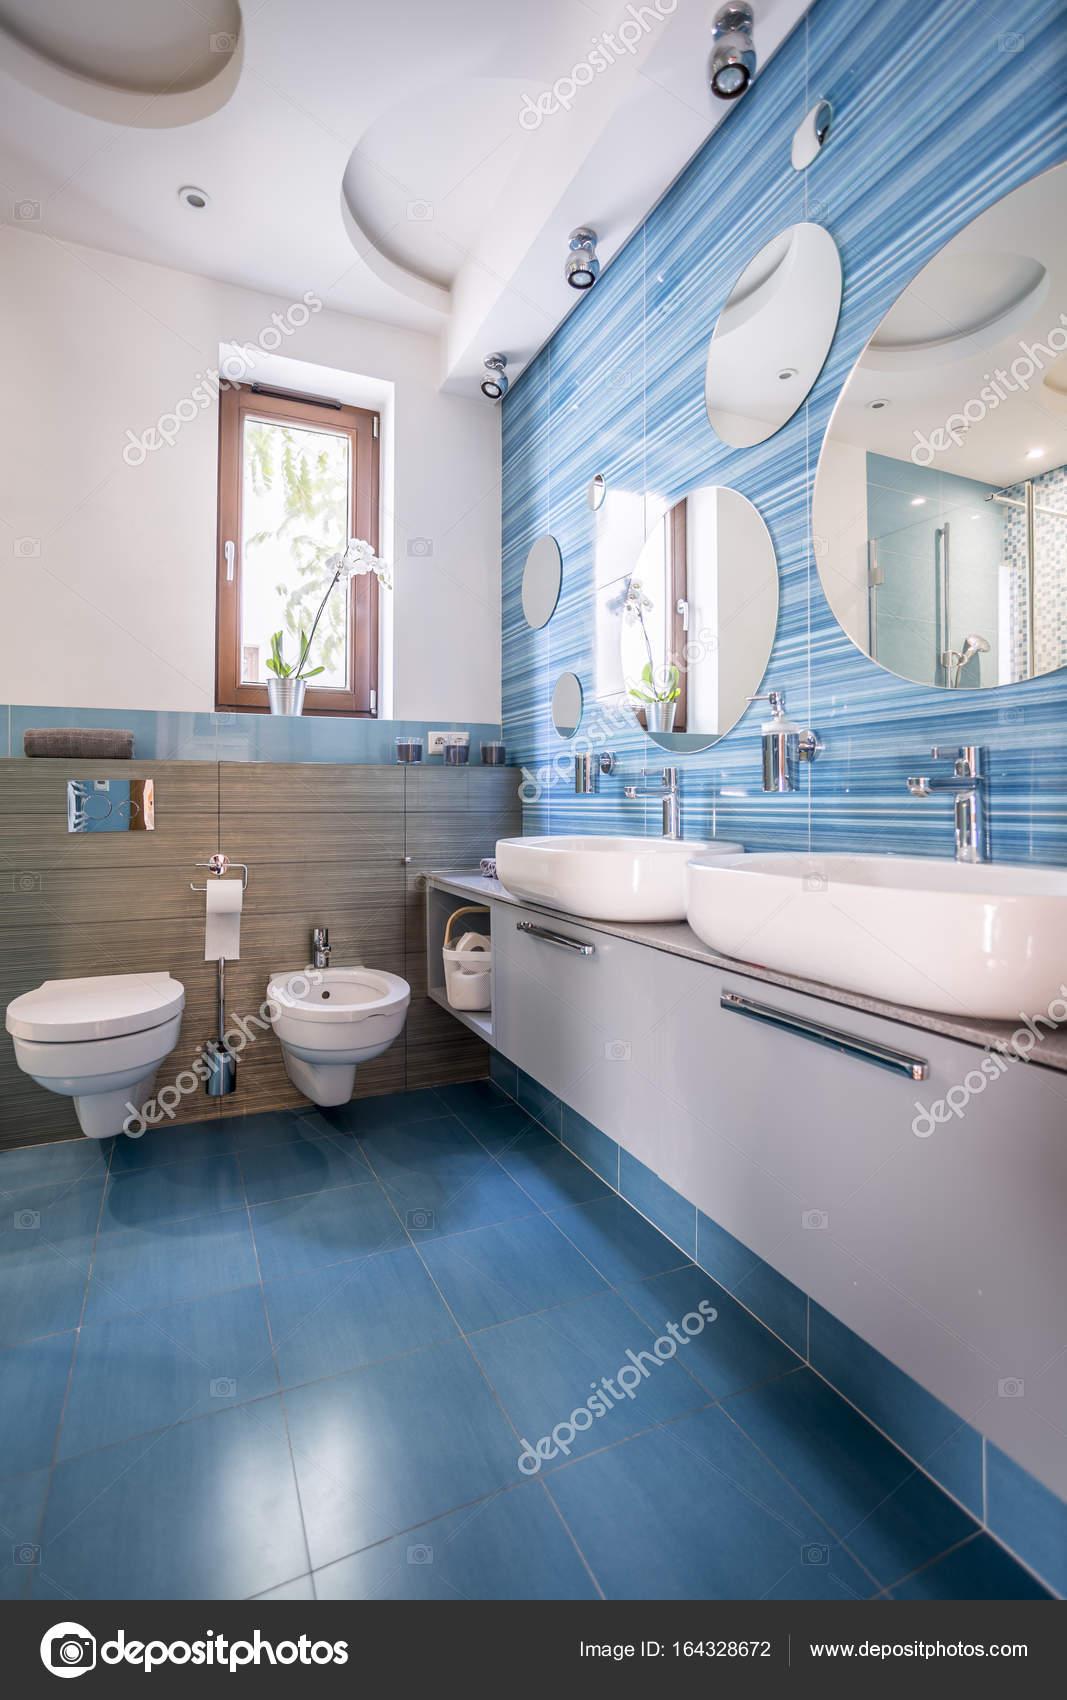 Badezimmer mit blauen Fliesen und Spiegel — Stockfoto © photographee ...